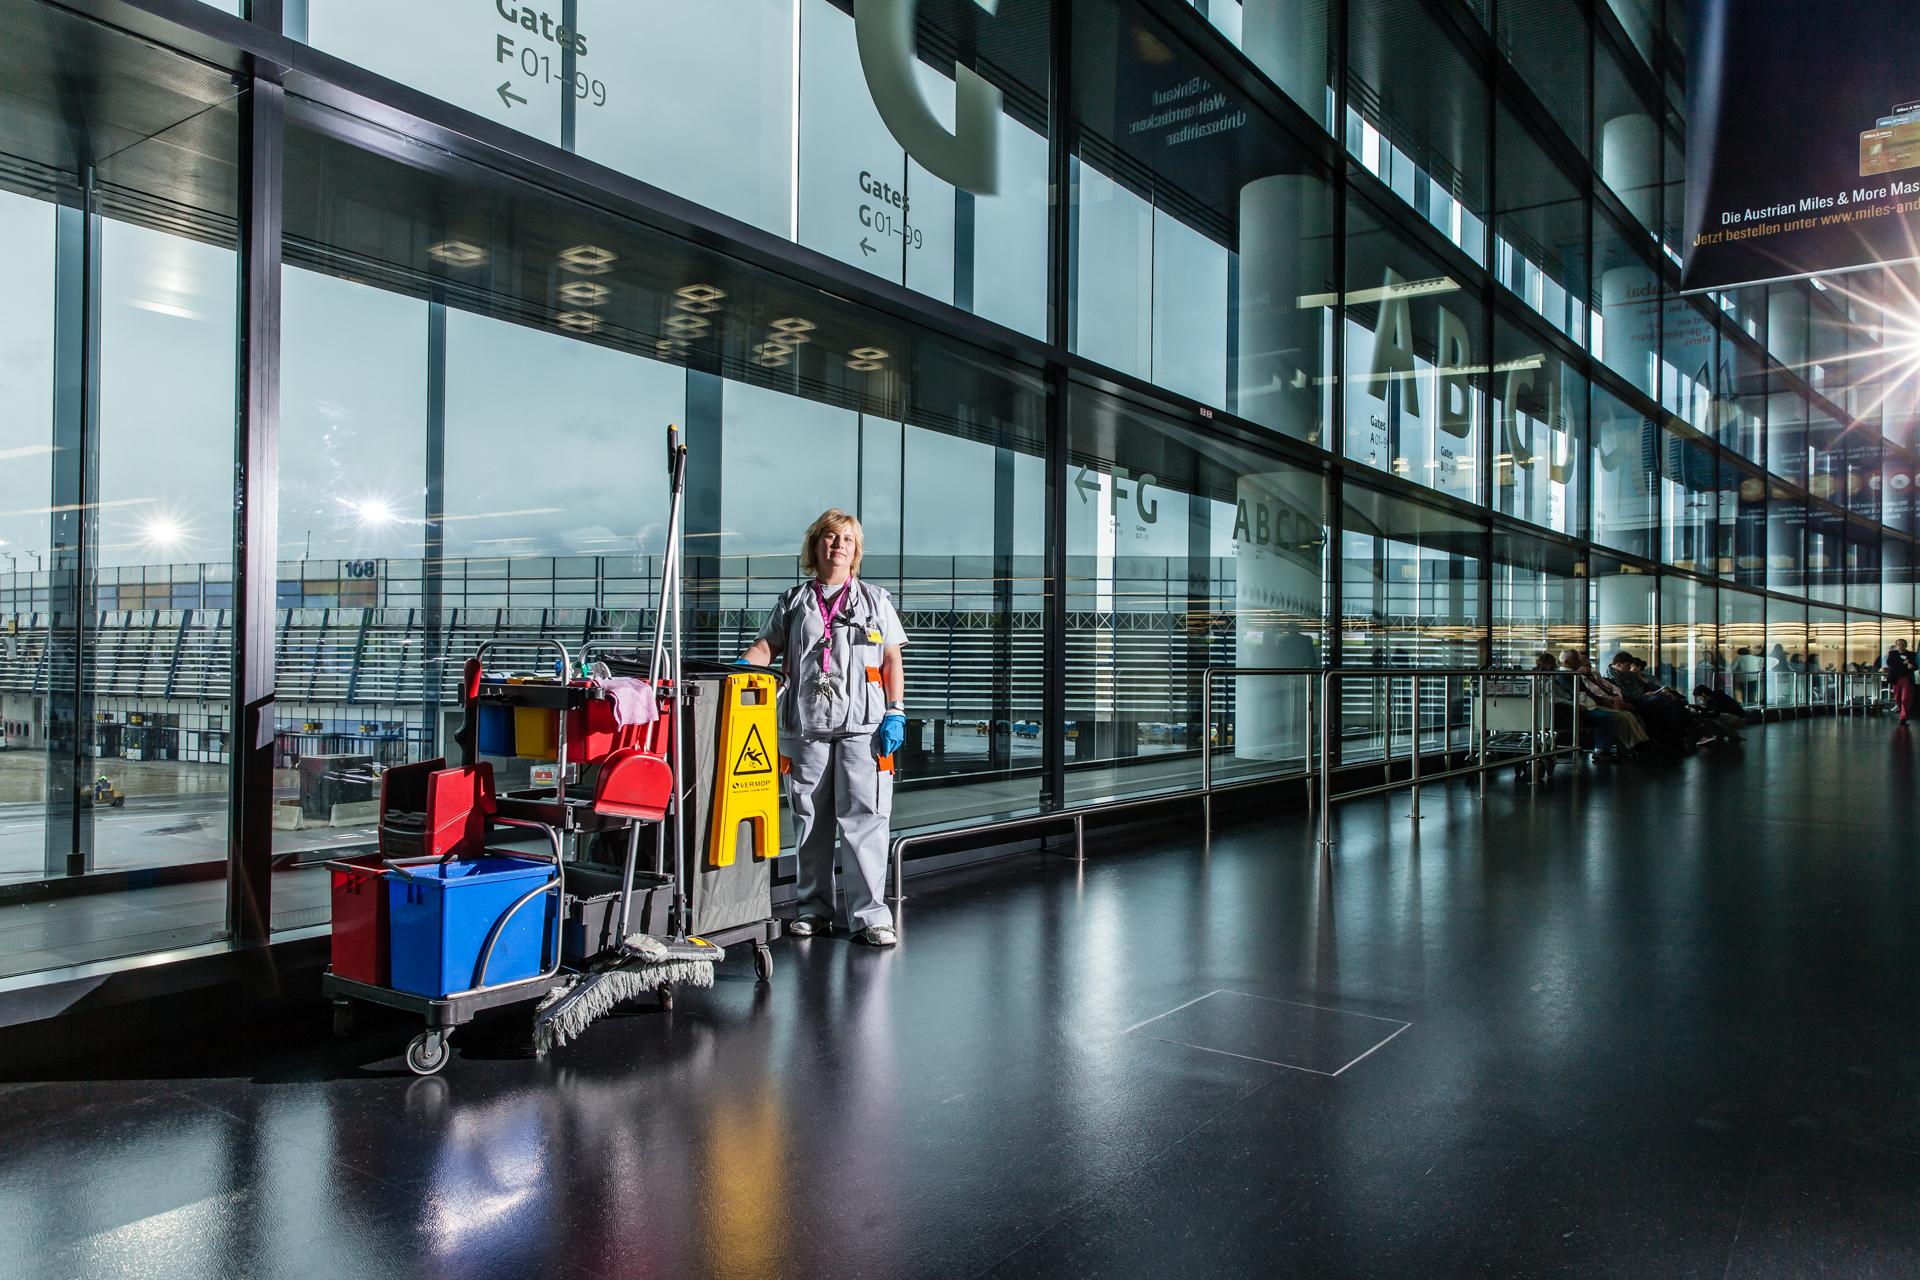 Flughafen-Wien--IMG_7163--©MichaelMazohl-1280px